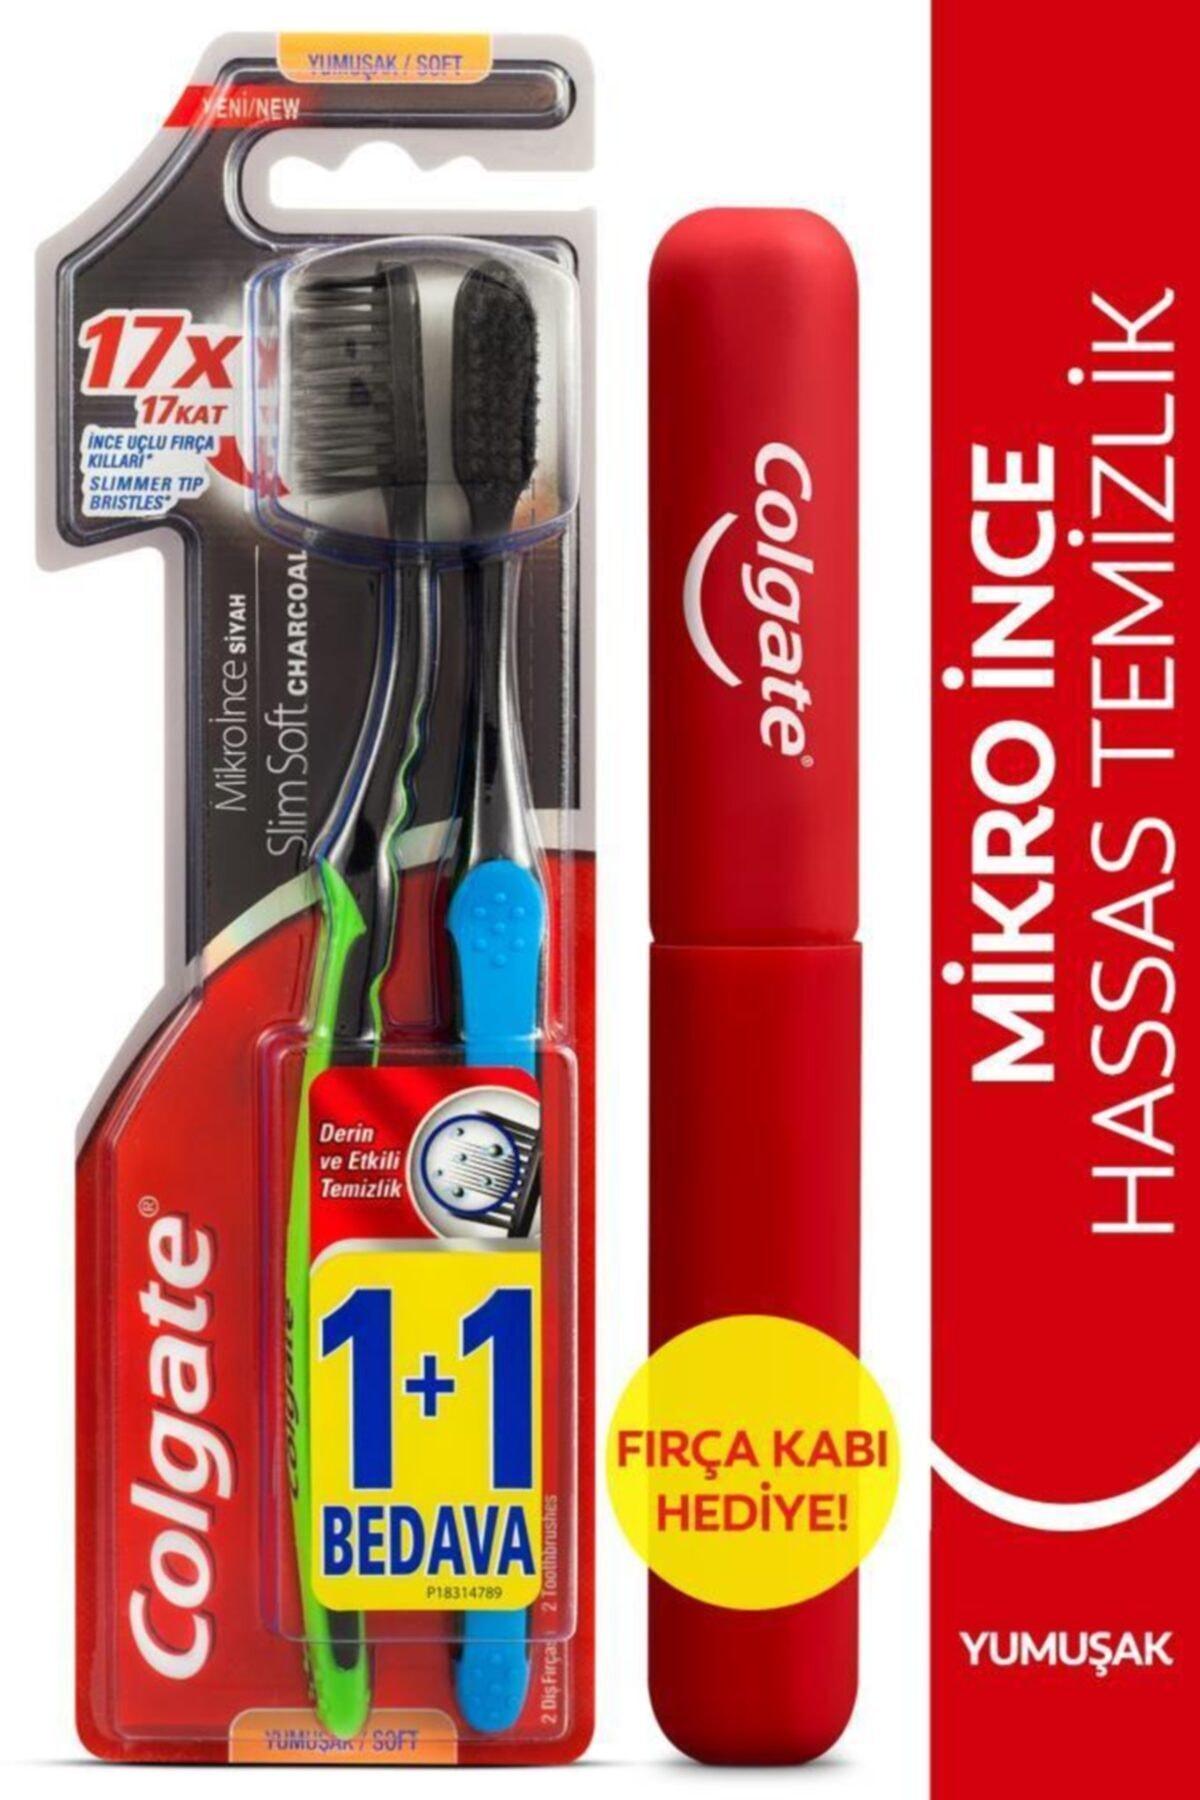 Mikro Ince Siyah Hassas Temizlik Yumuşak Diş Fırçası 1+1 + Diş Fırçası Kabı Hediye